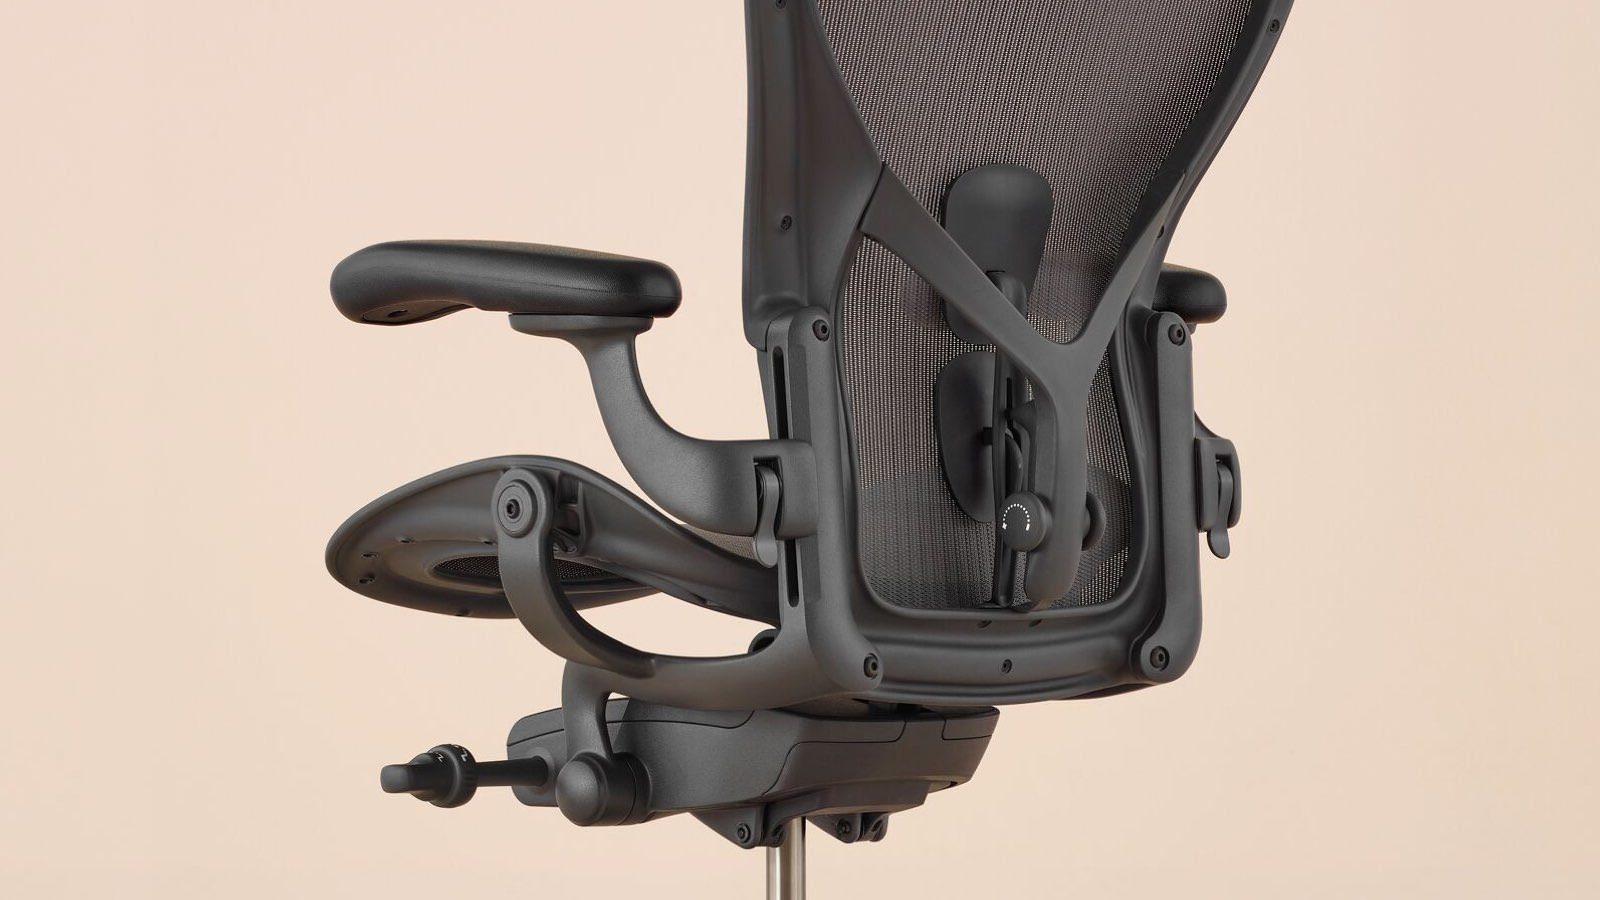 herman miller aeron chair close up ergonomic detail